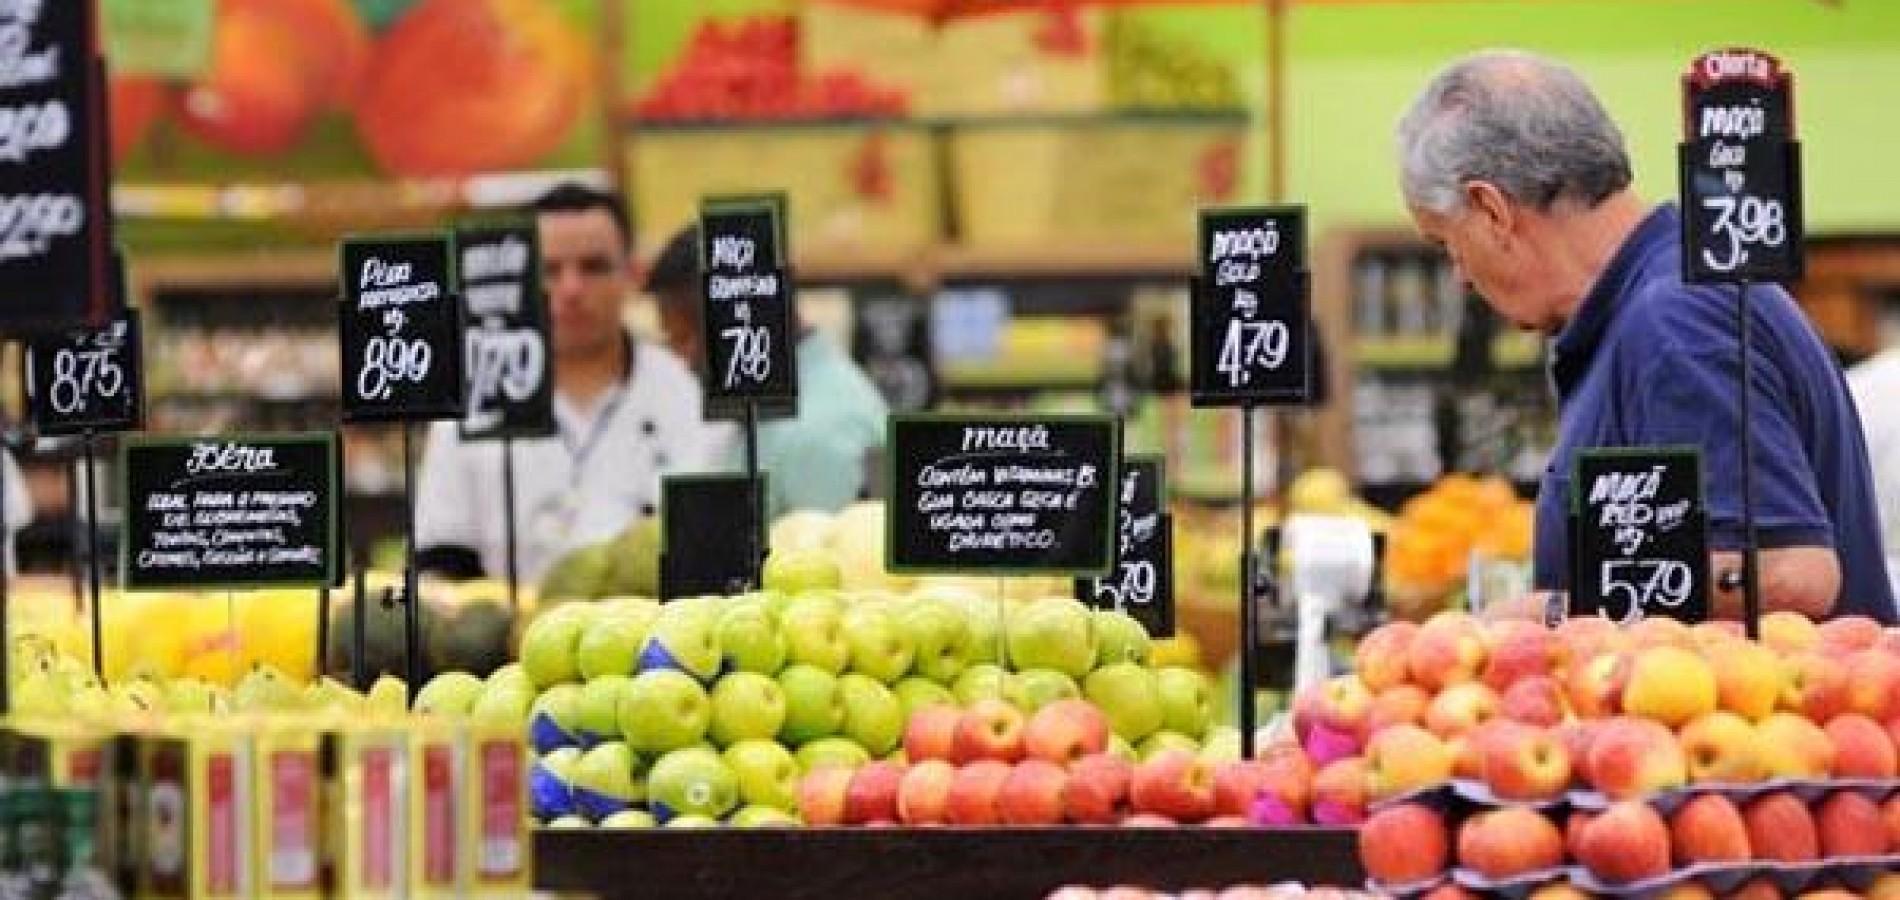 Prévia da inflação oficial fica em 0,47% no mês de junho